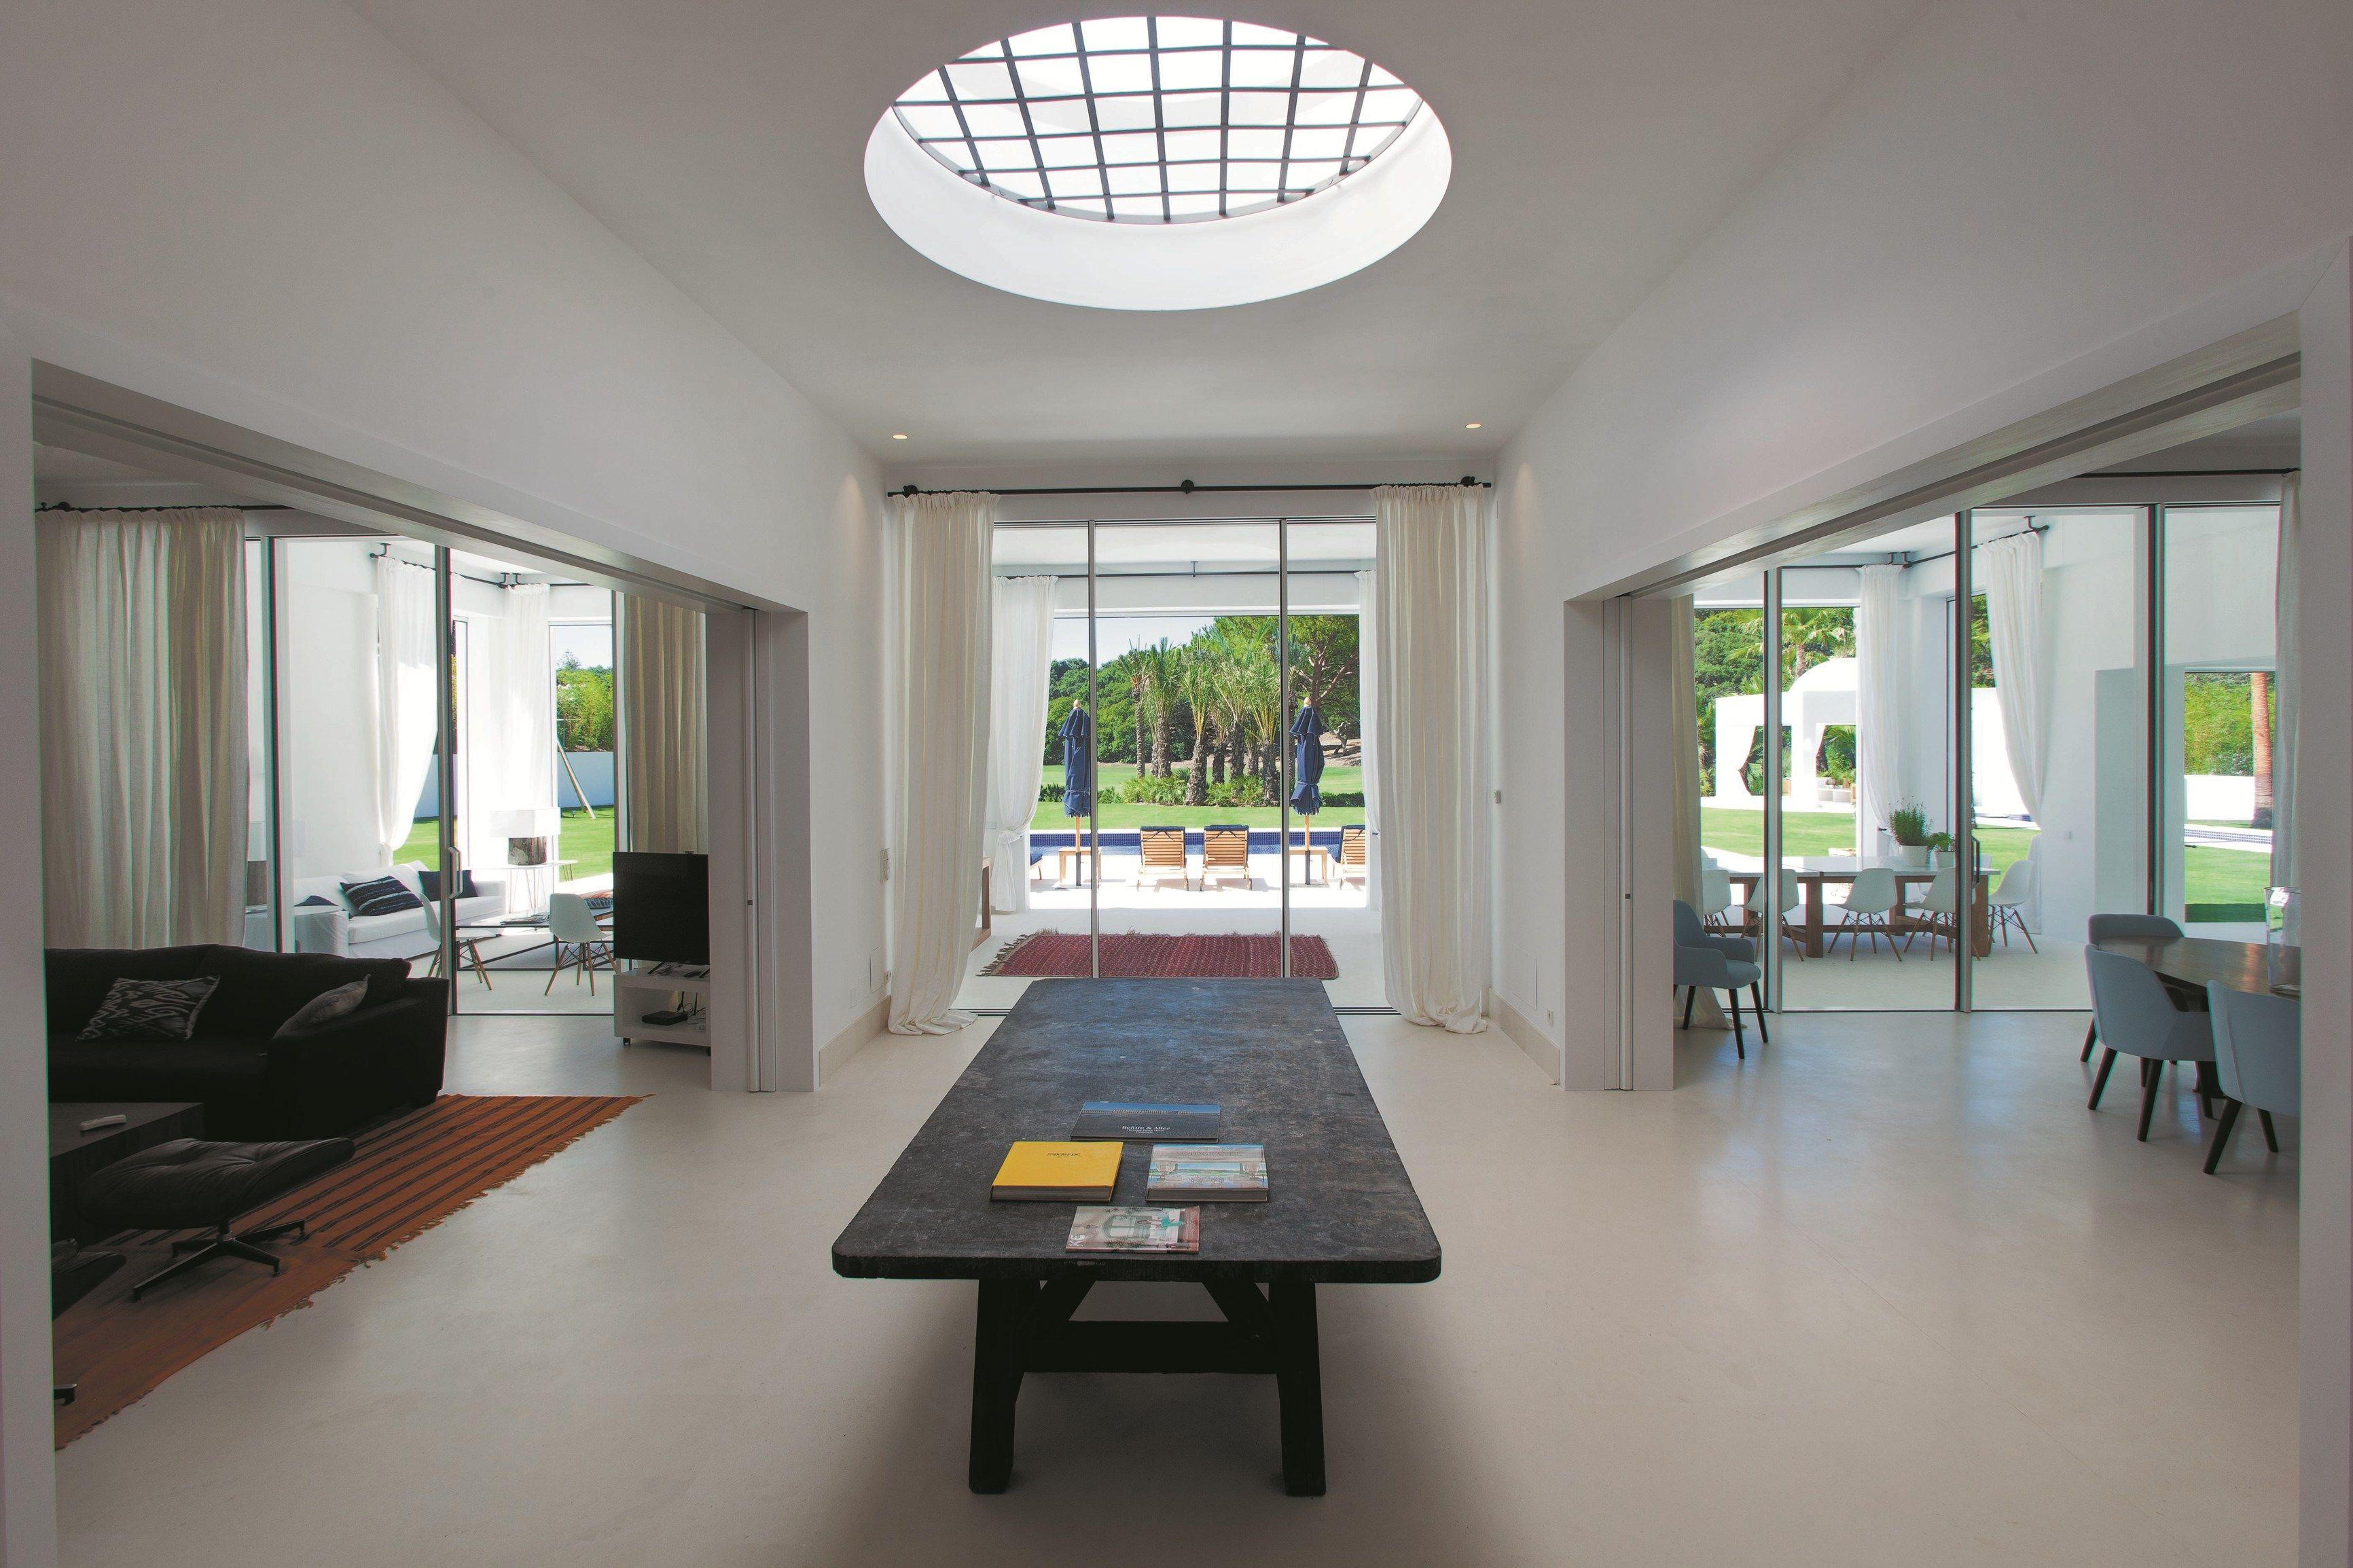 Aluminium patio door HI-FINITY by Reynaers Aluminium design Reynaers